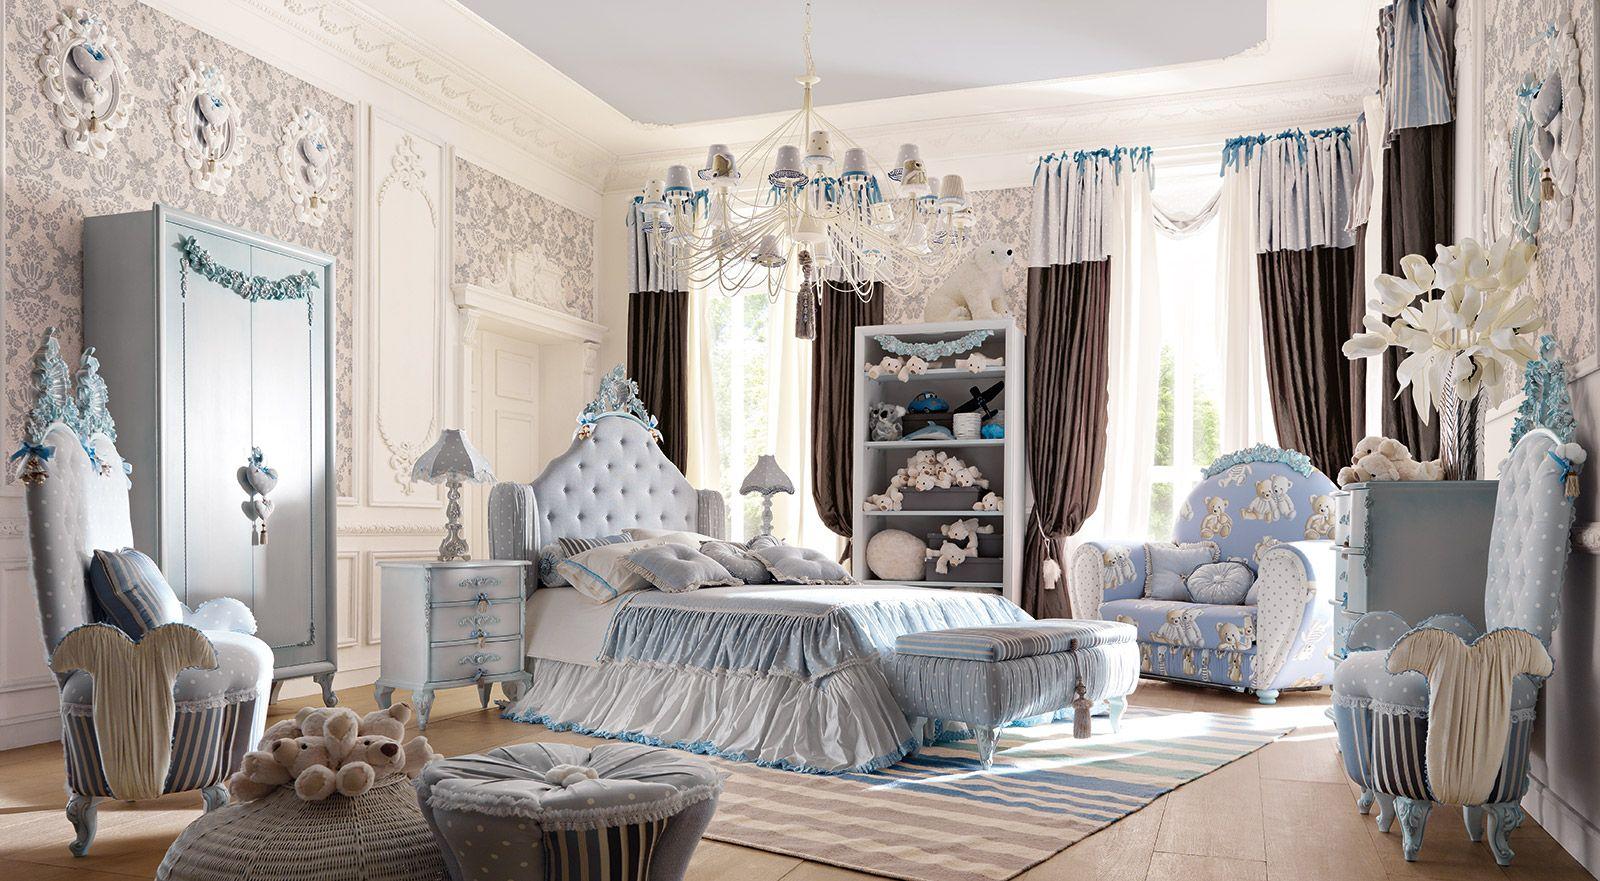 Altamoda Italia Collezione Vip Art Classic Kids Furniture Luxury House Designs Furniture Classic bedroom for children